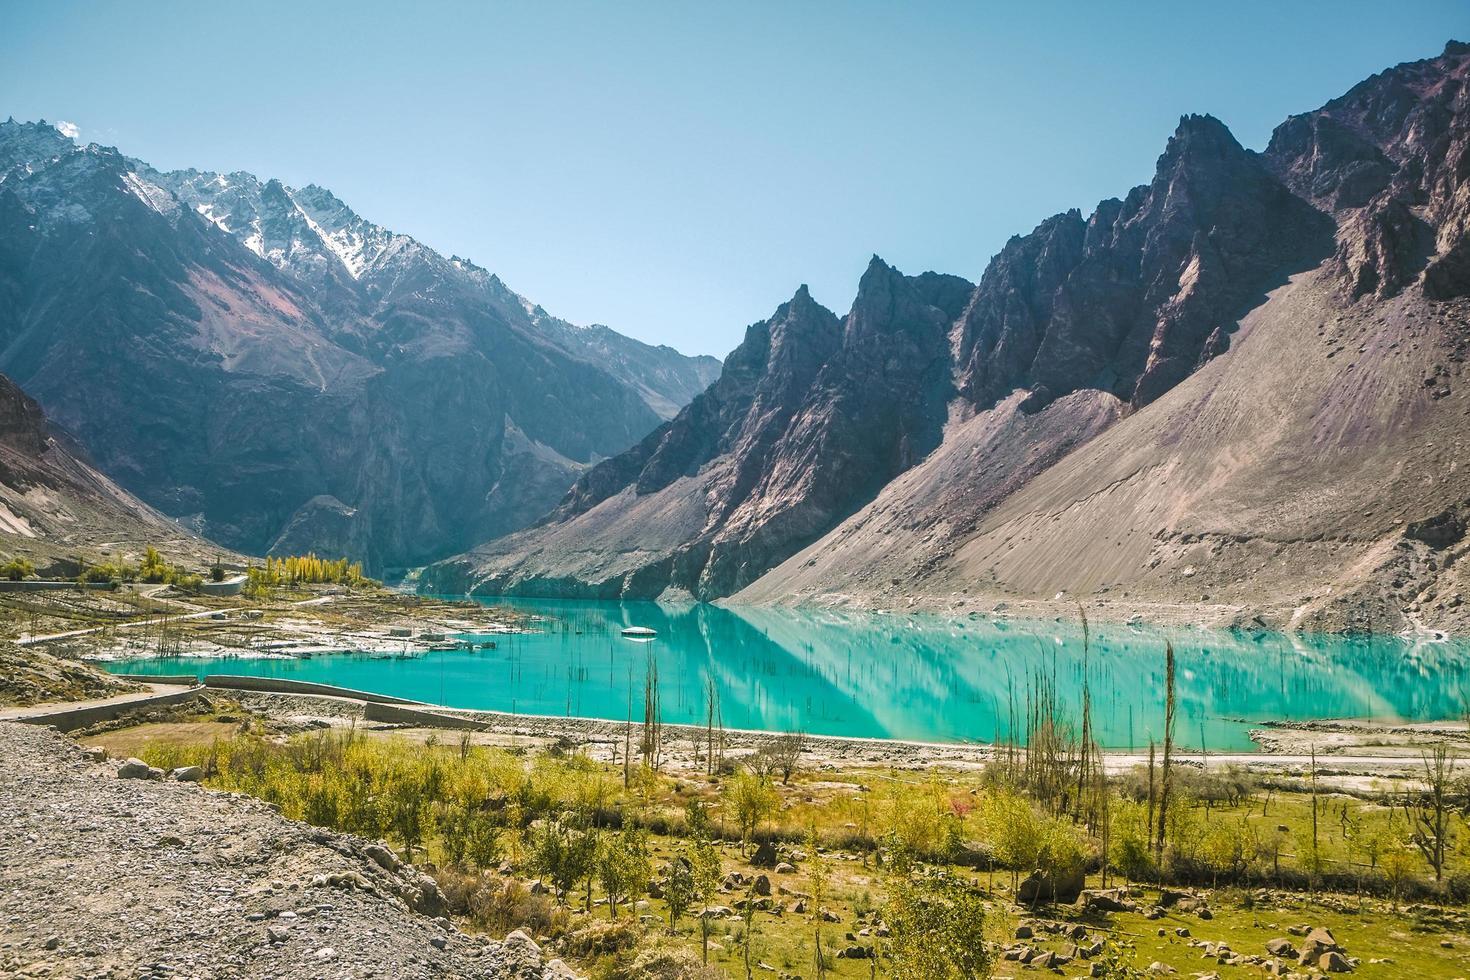 Lago Attabad nella catena montuosa del Karakoram, valle di Hunza, Pakistan. foto